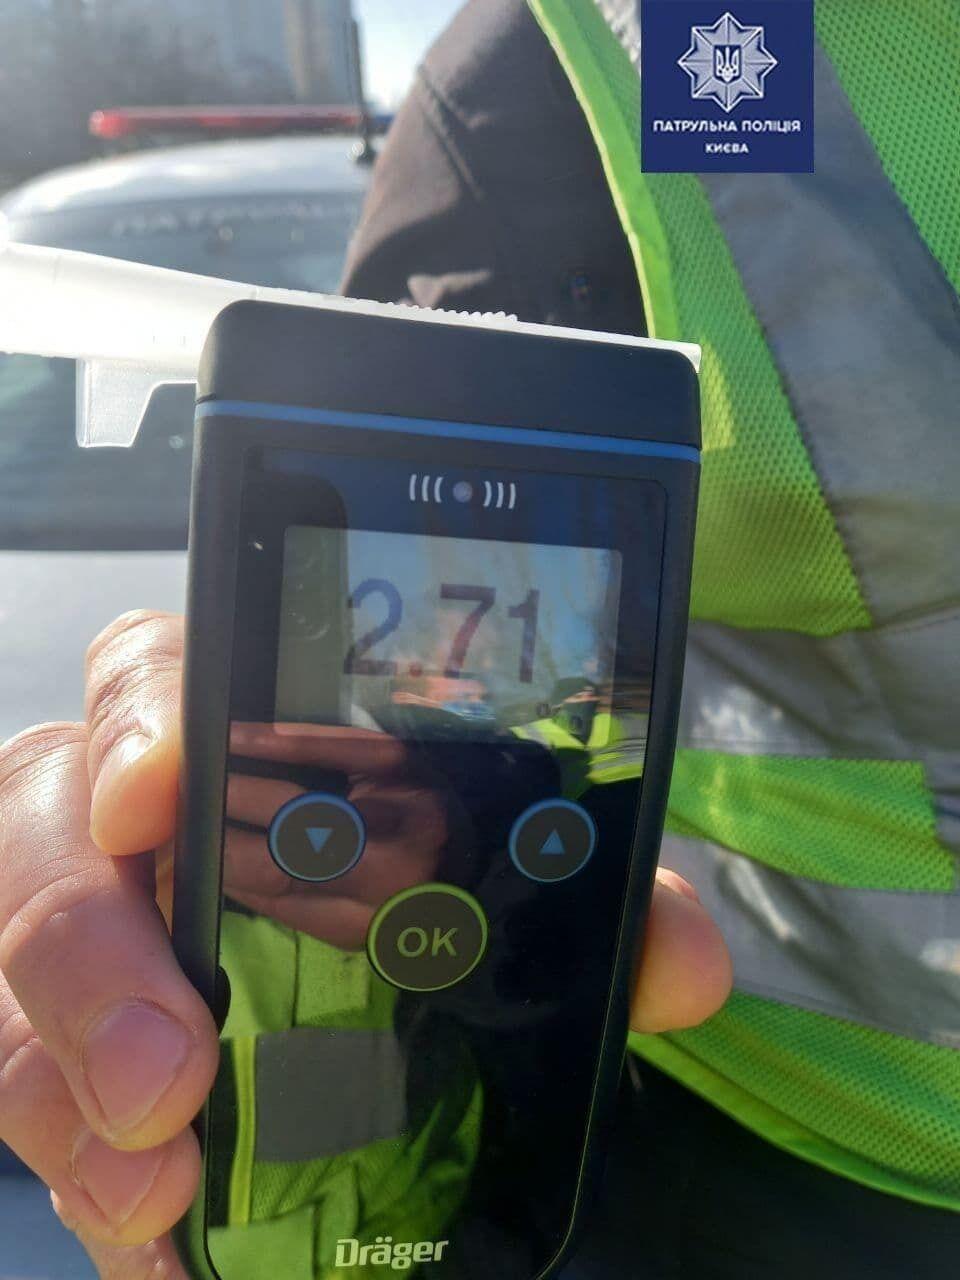 В крови водителя обнаружили 2.71 промилле алкоголя.